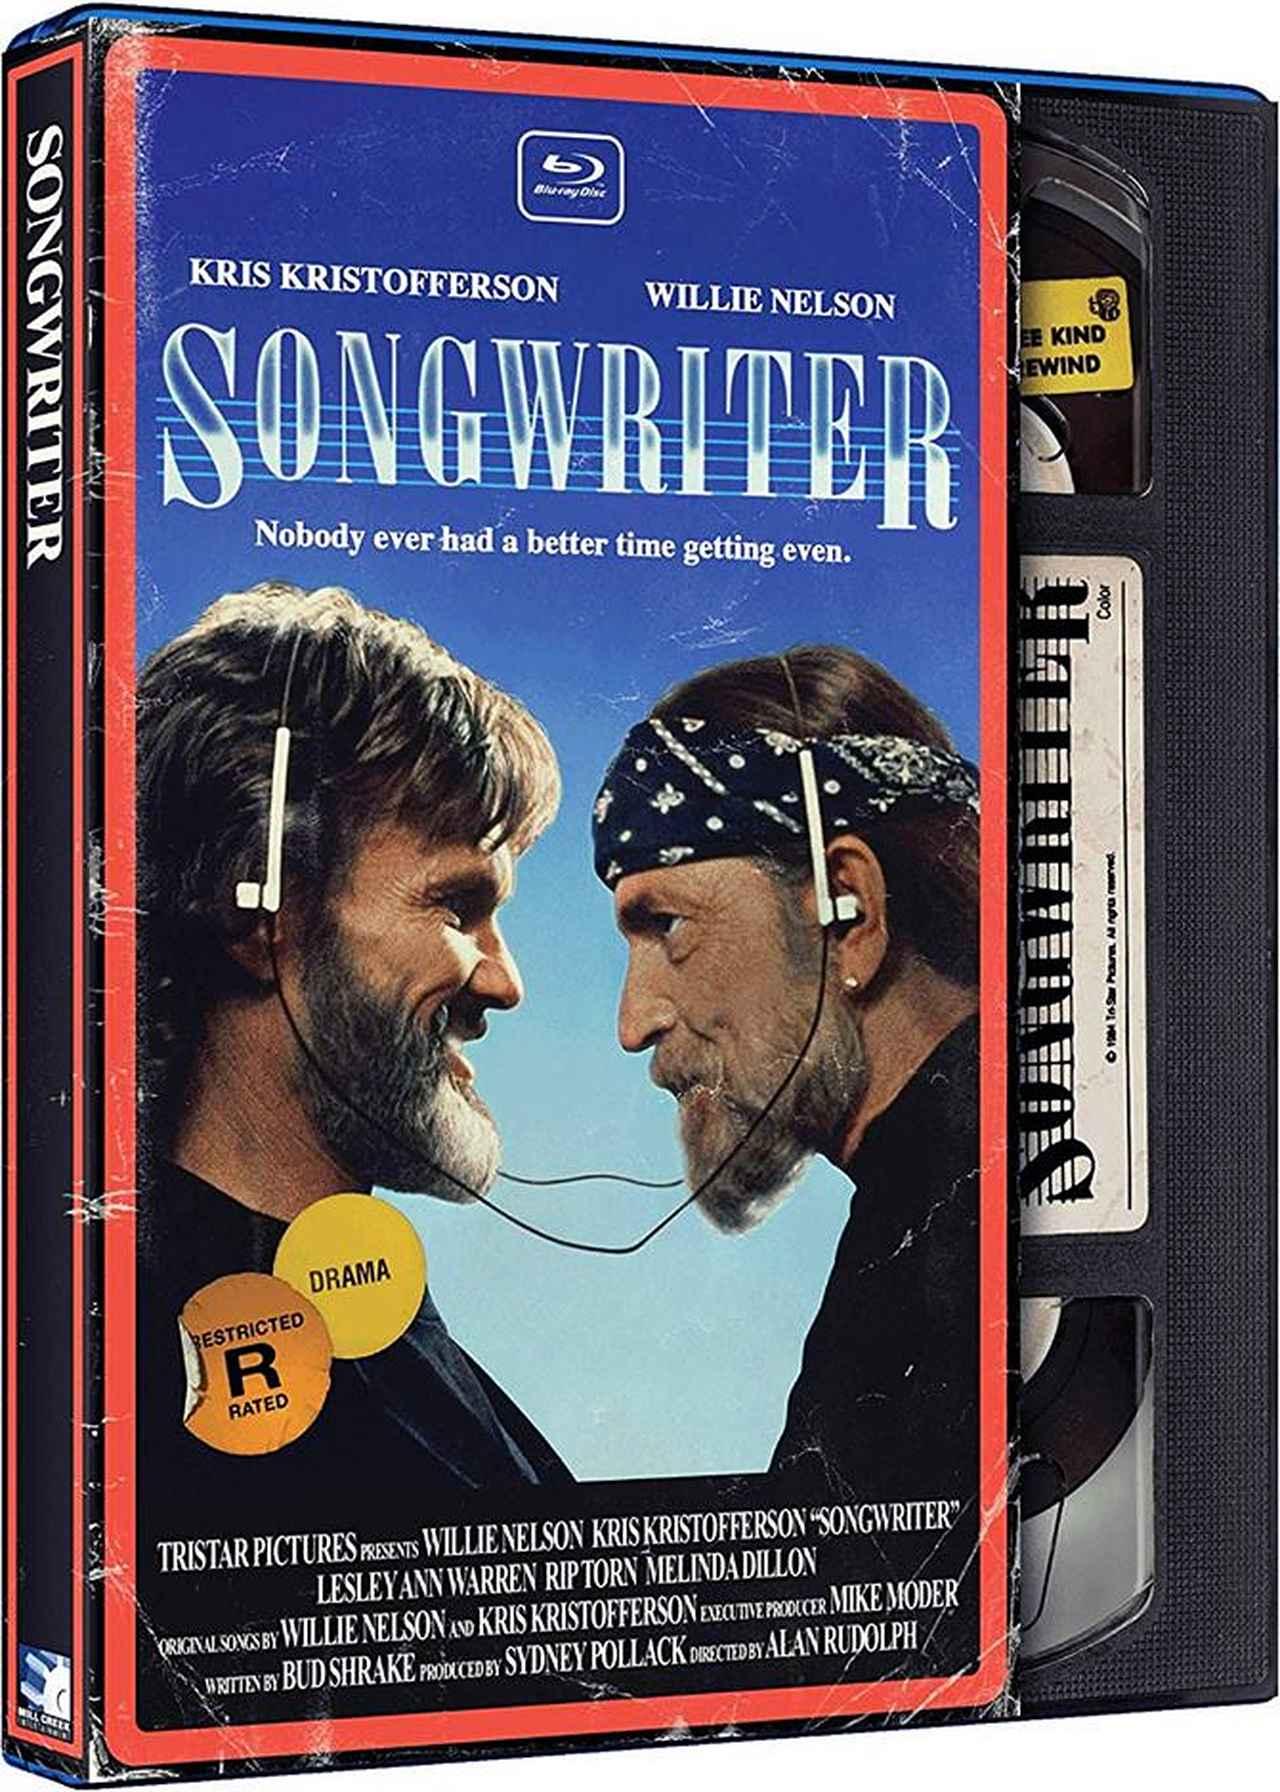 画像: Feb 19, 2019 SONGWRITER/ソングライター (1981) 監督アラン・ルドルフ:主演ウィリー・ネルソン, クリス・クリストファーソン 国内BLU-RAY/DVD未発売